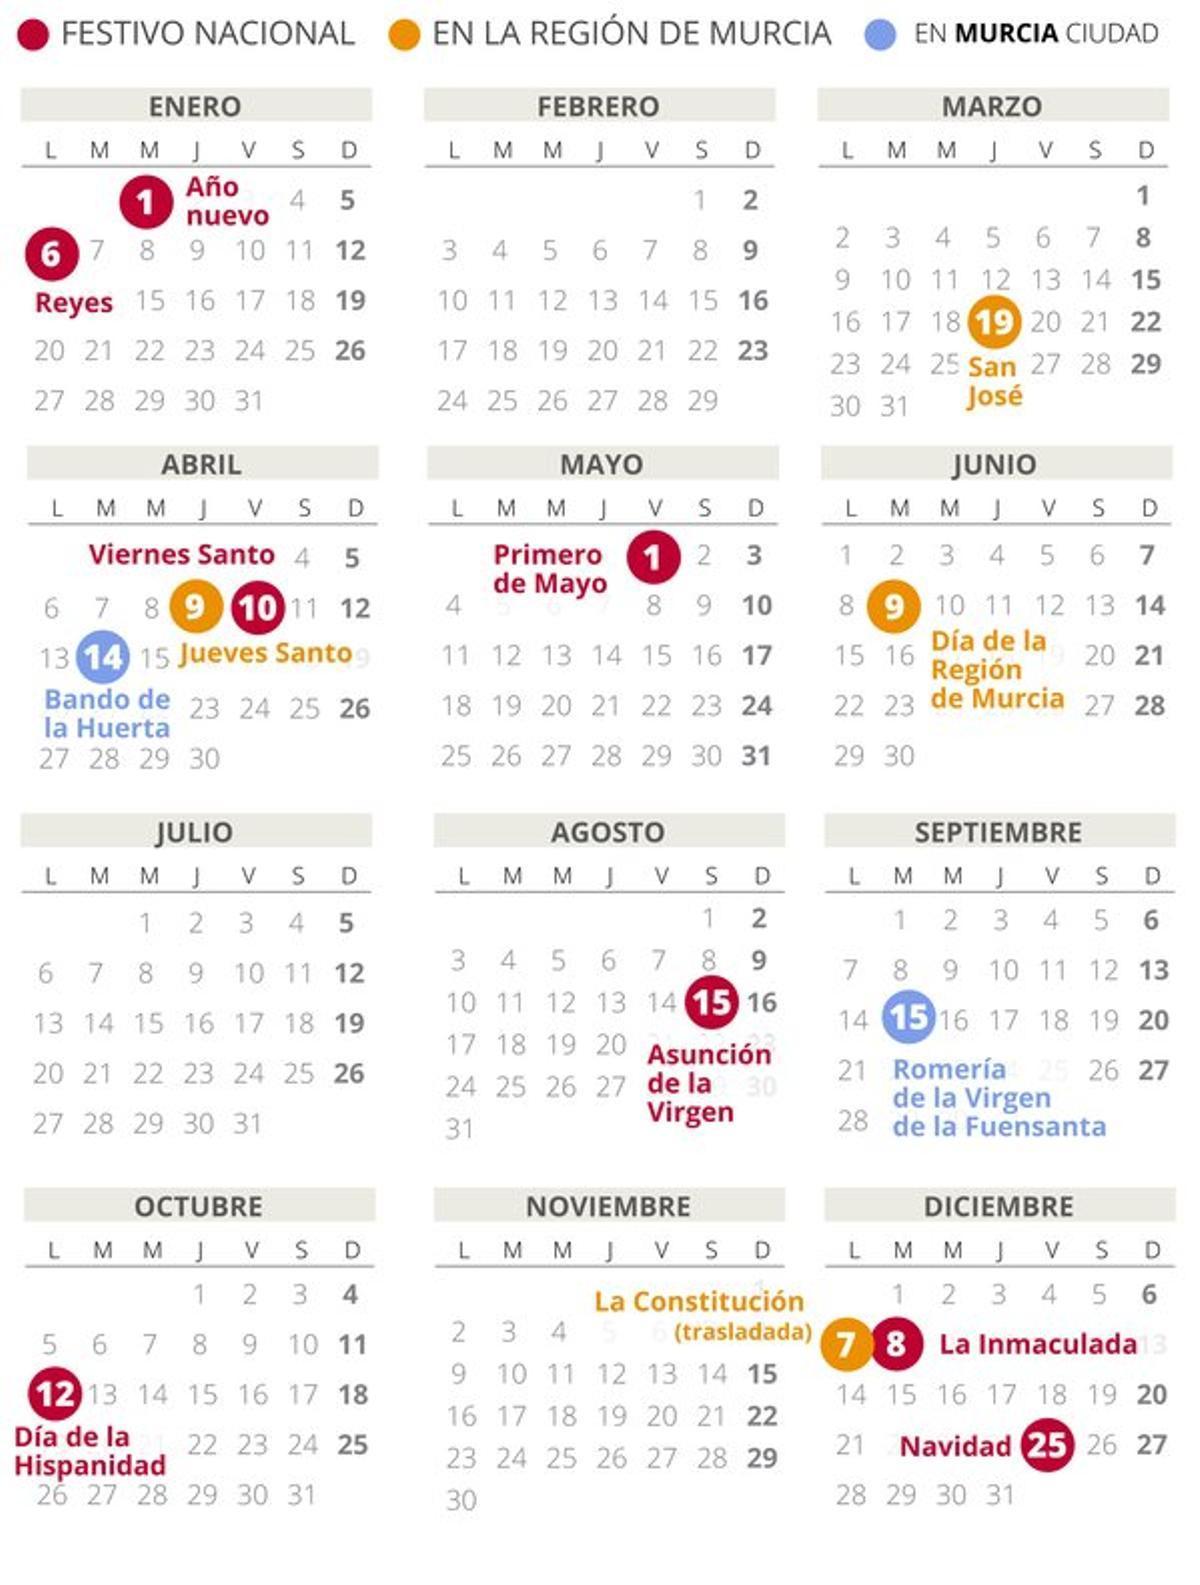 Calendario laboral de Murcia del 2020.